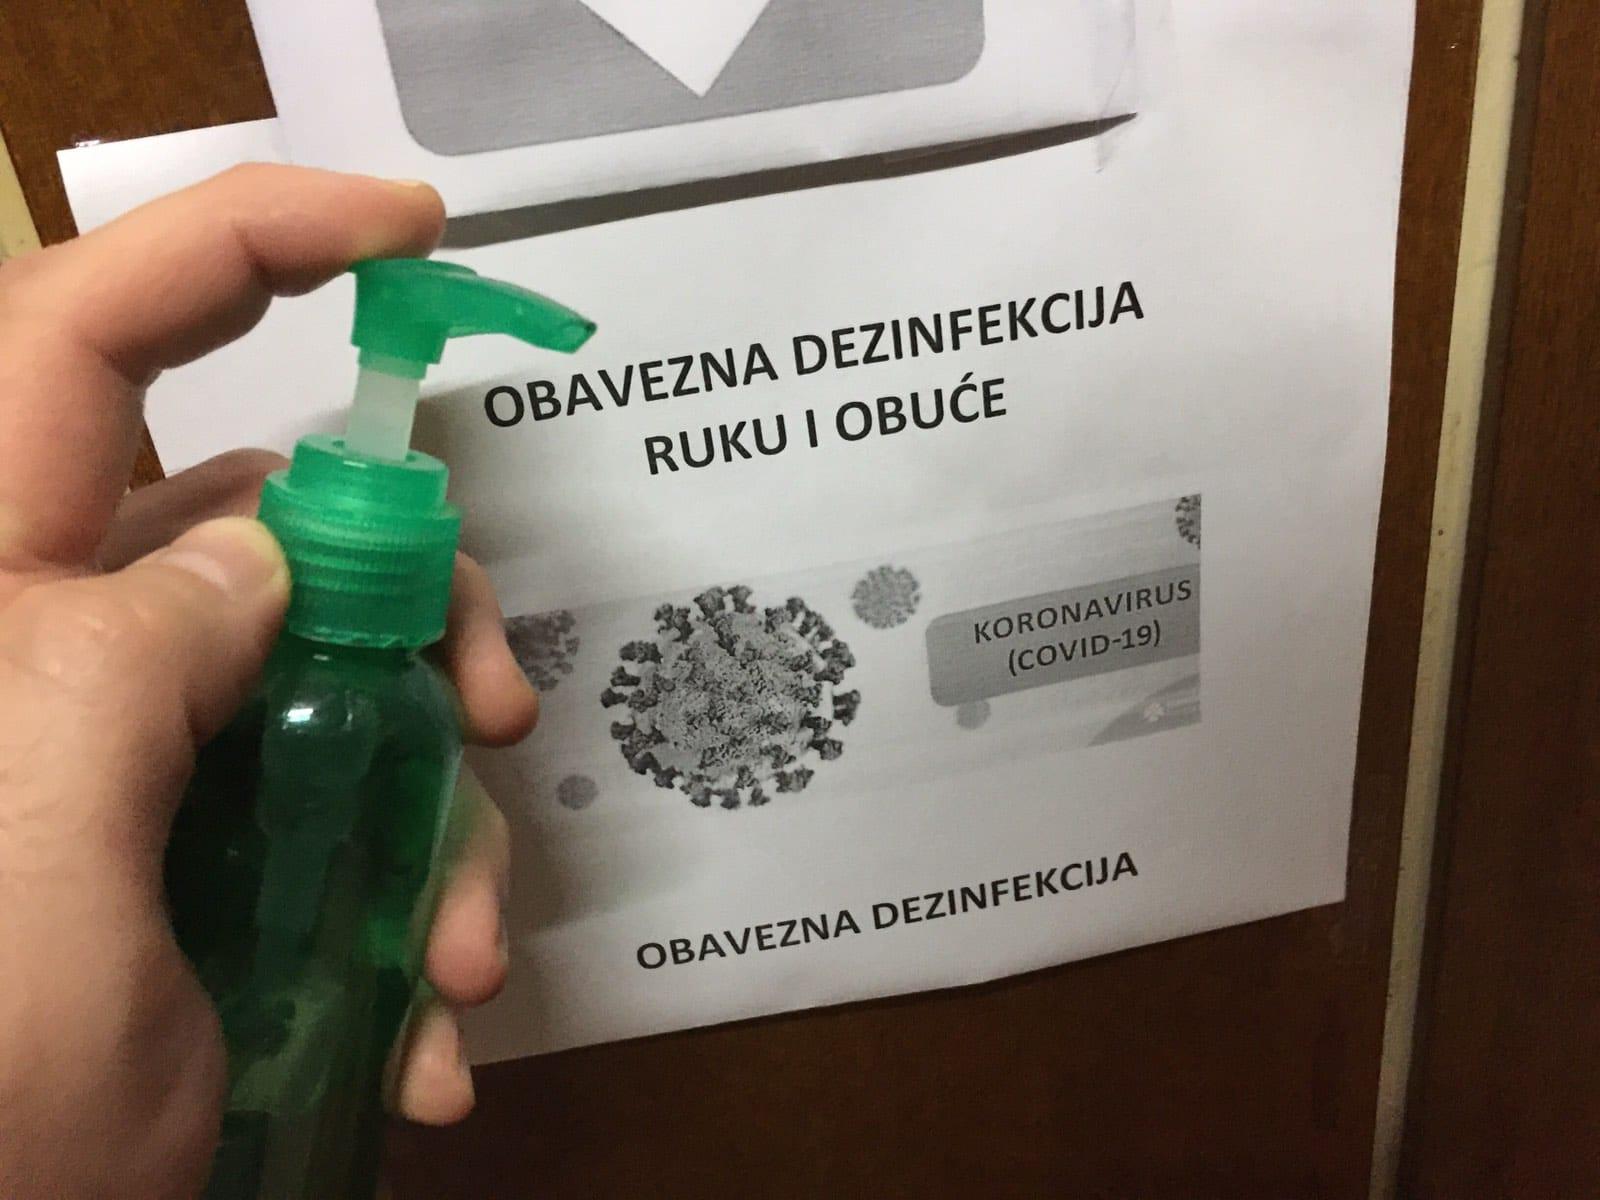 Ilustracija, koronavirus, foto: Svrljiške novine